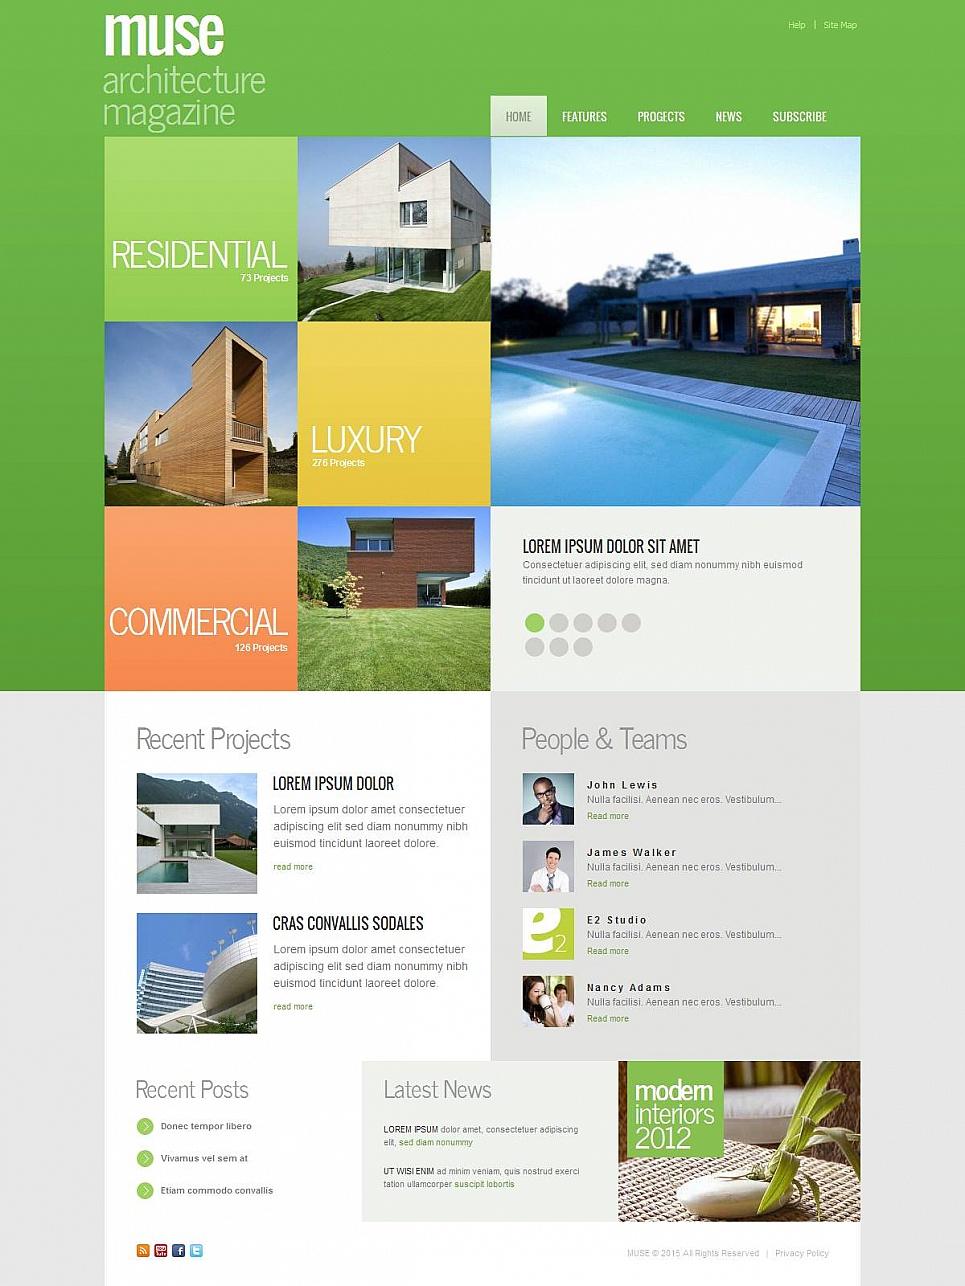 Szablon Strony Architektowej - image